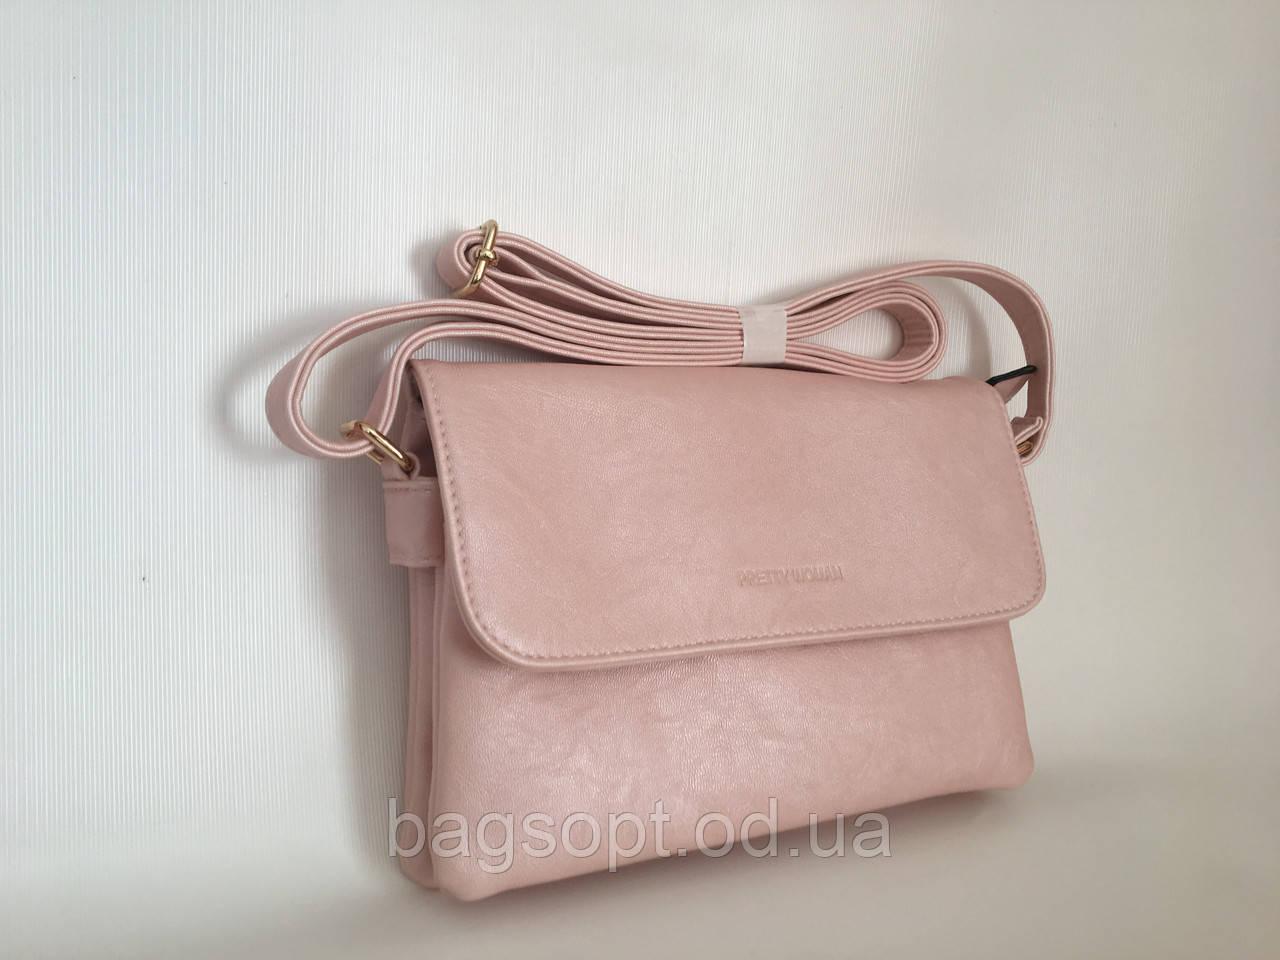 Летняя розовая маленькая сумка клатч через плечо Pretty Woman Одесса 7 км